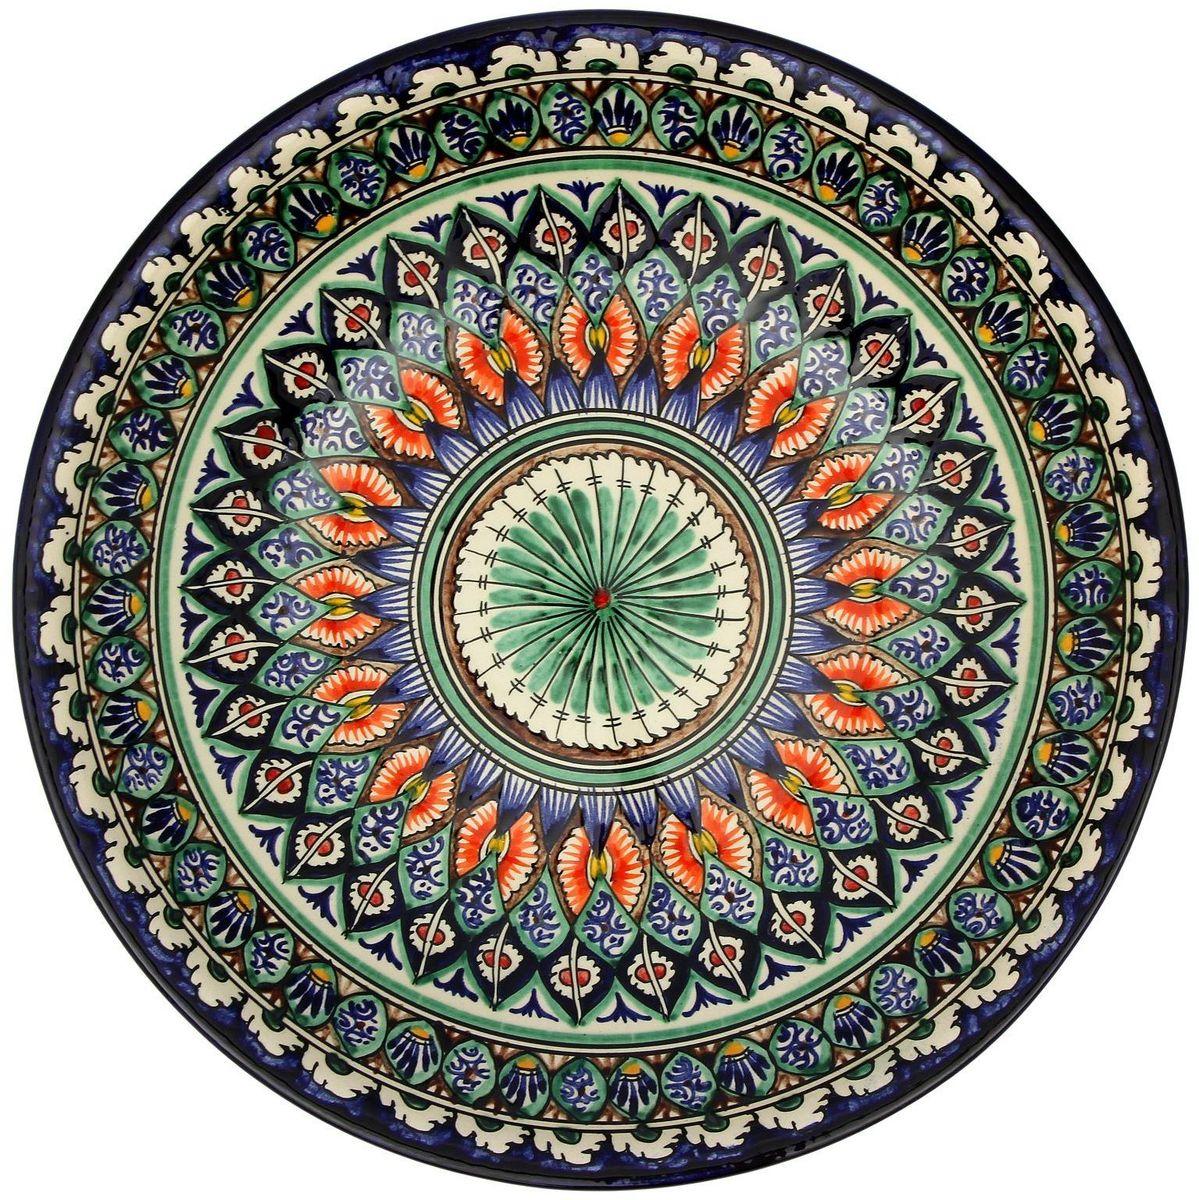 Ляган Риштанская керамика, диаметр, 33 см. 21560052156005Ляган — это не просто обеденный атрибут, это украшение стола. Посуда с национальной росписью станет отменным подарком для ценителей высокородной посуды.Риштан — город на востоке Узбекистана, один из древнейших в Ферганской долине. С давних времён Риштан славится своим гончарным искусством изготовления цветной керамики. Красноватую глину для изделия добывают в самом городе. Мастера утверждают, что их глина настолько высокого качества, что даже не нуждается в предварительной обработке. Дополните коллекцию кухонных аксессуаров пряными восточными нотами.